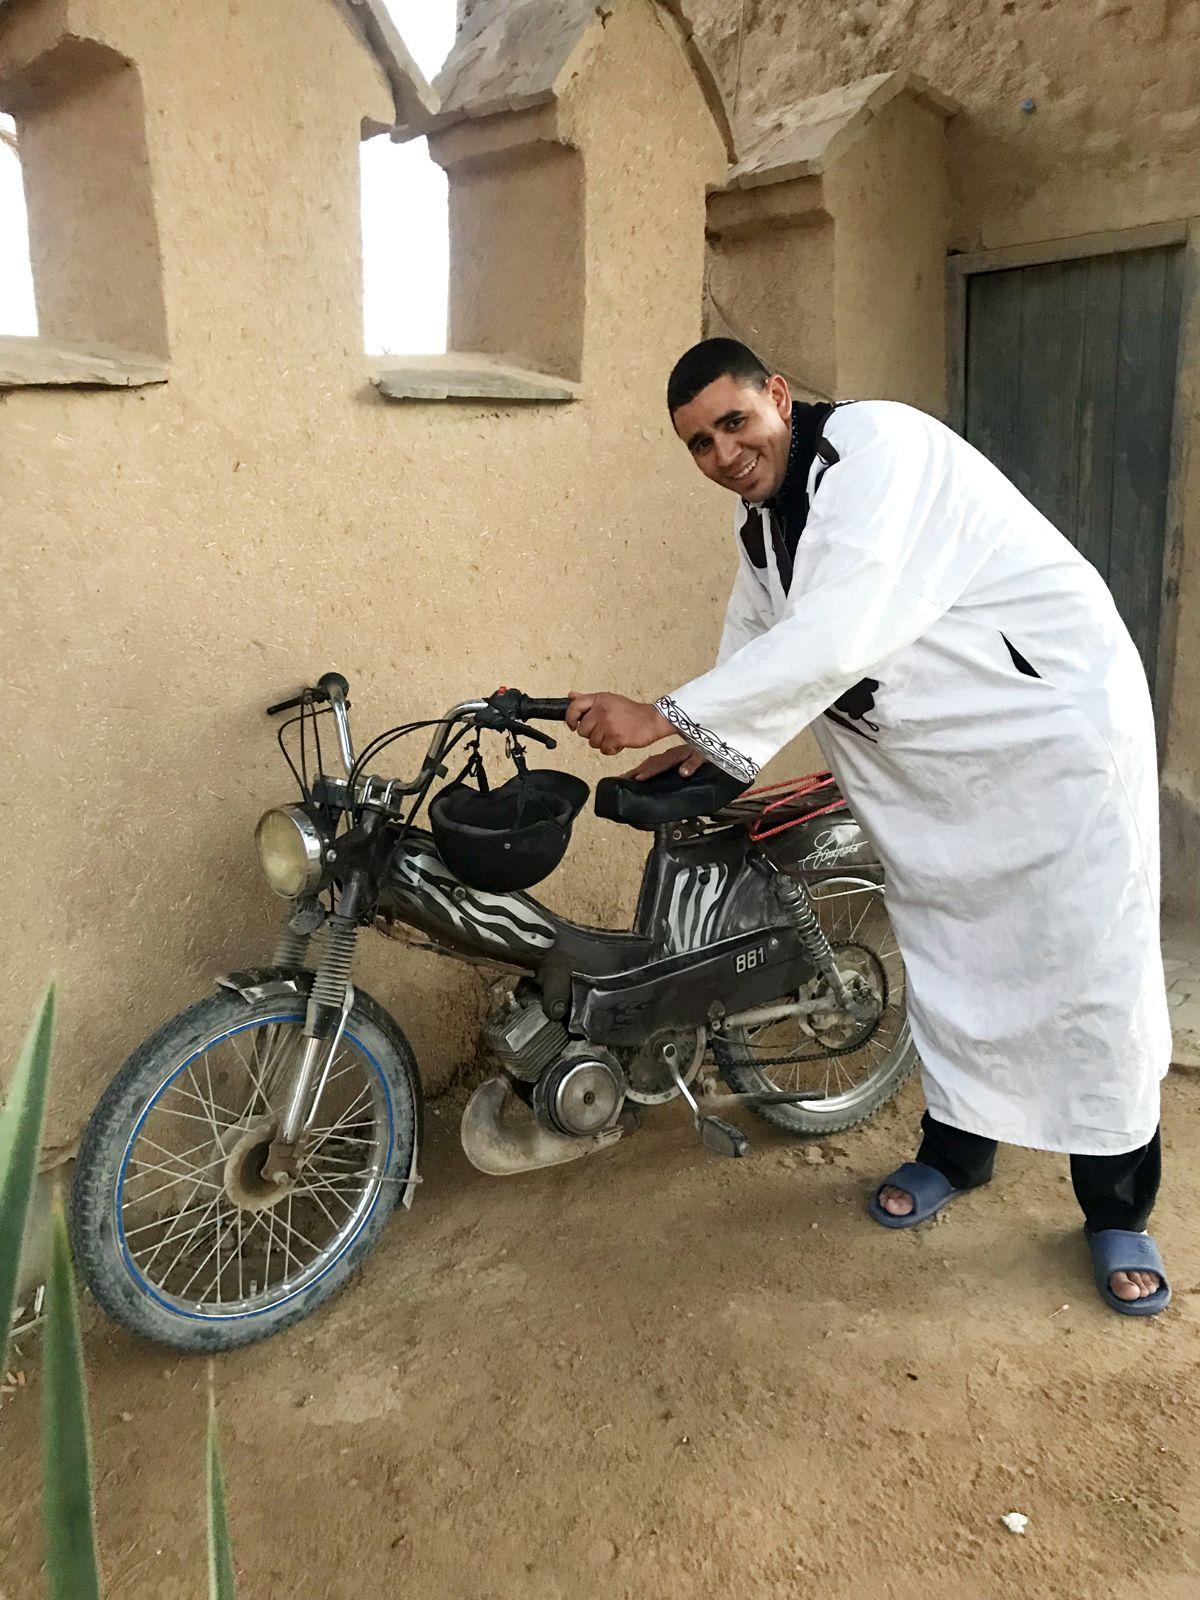 CA - 30/11/2018 - Os velhos ciclomotores mobilete de origem francesa s‹o um dos meios de transporte mais populares no Marrocos. Na imagem, o vendedor El Ammari Abderazak com sua MotobŽcane Mobylette 881 - Fotos de Jason Vogel